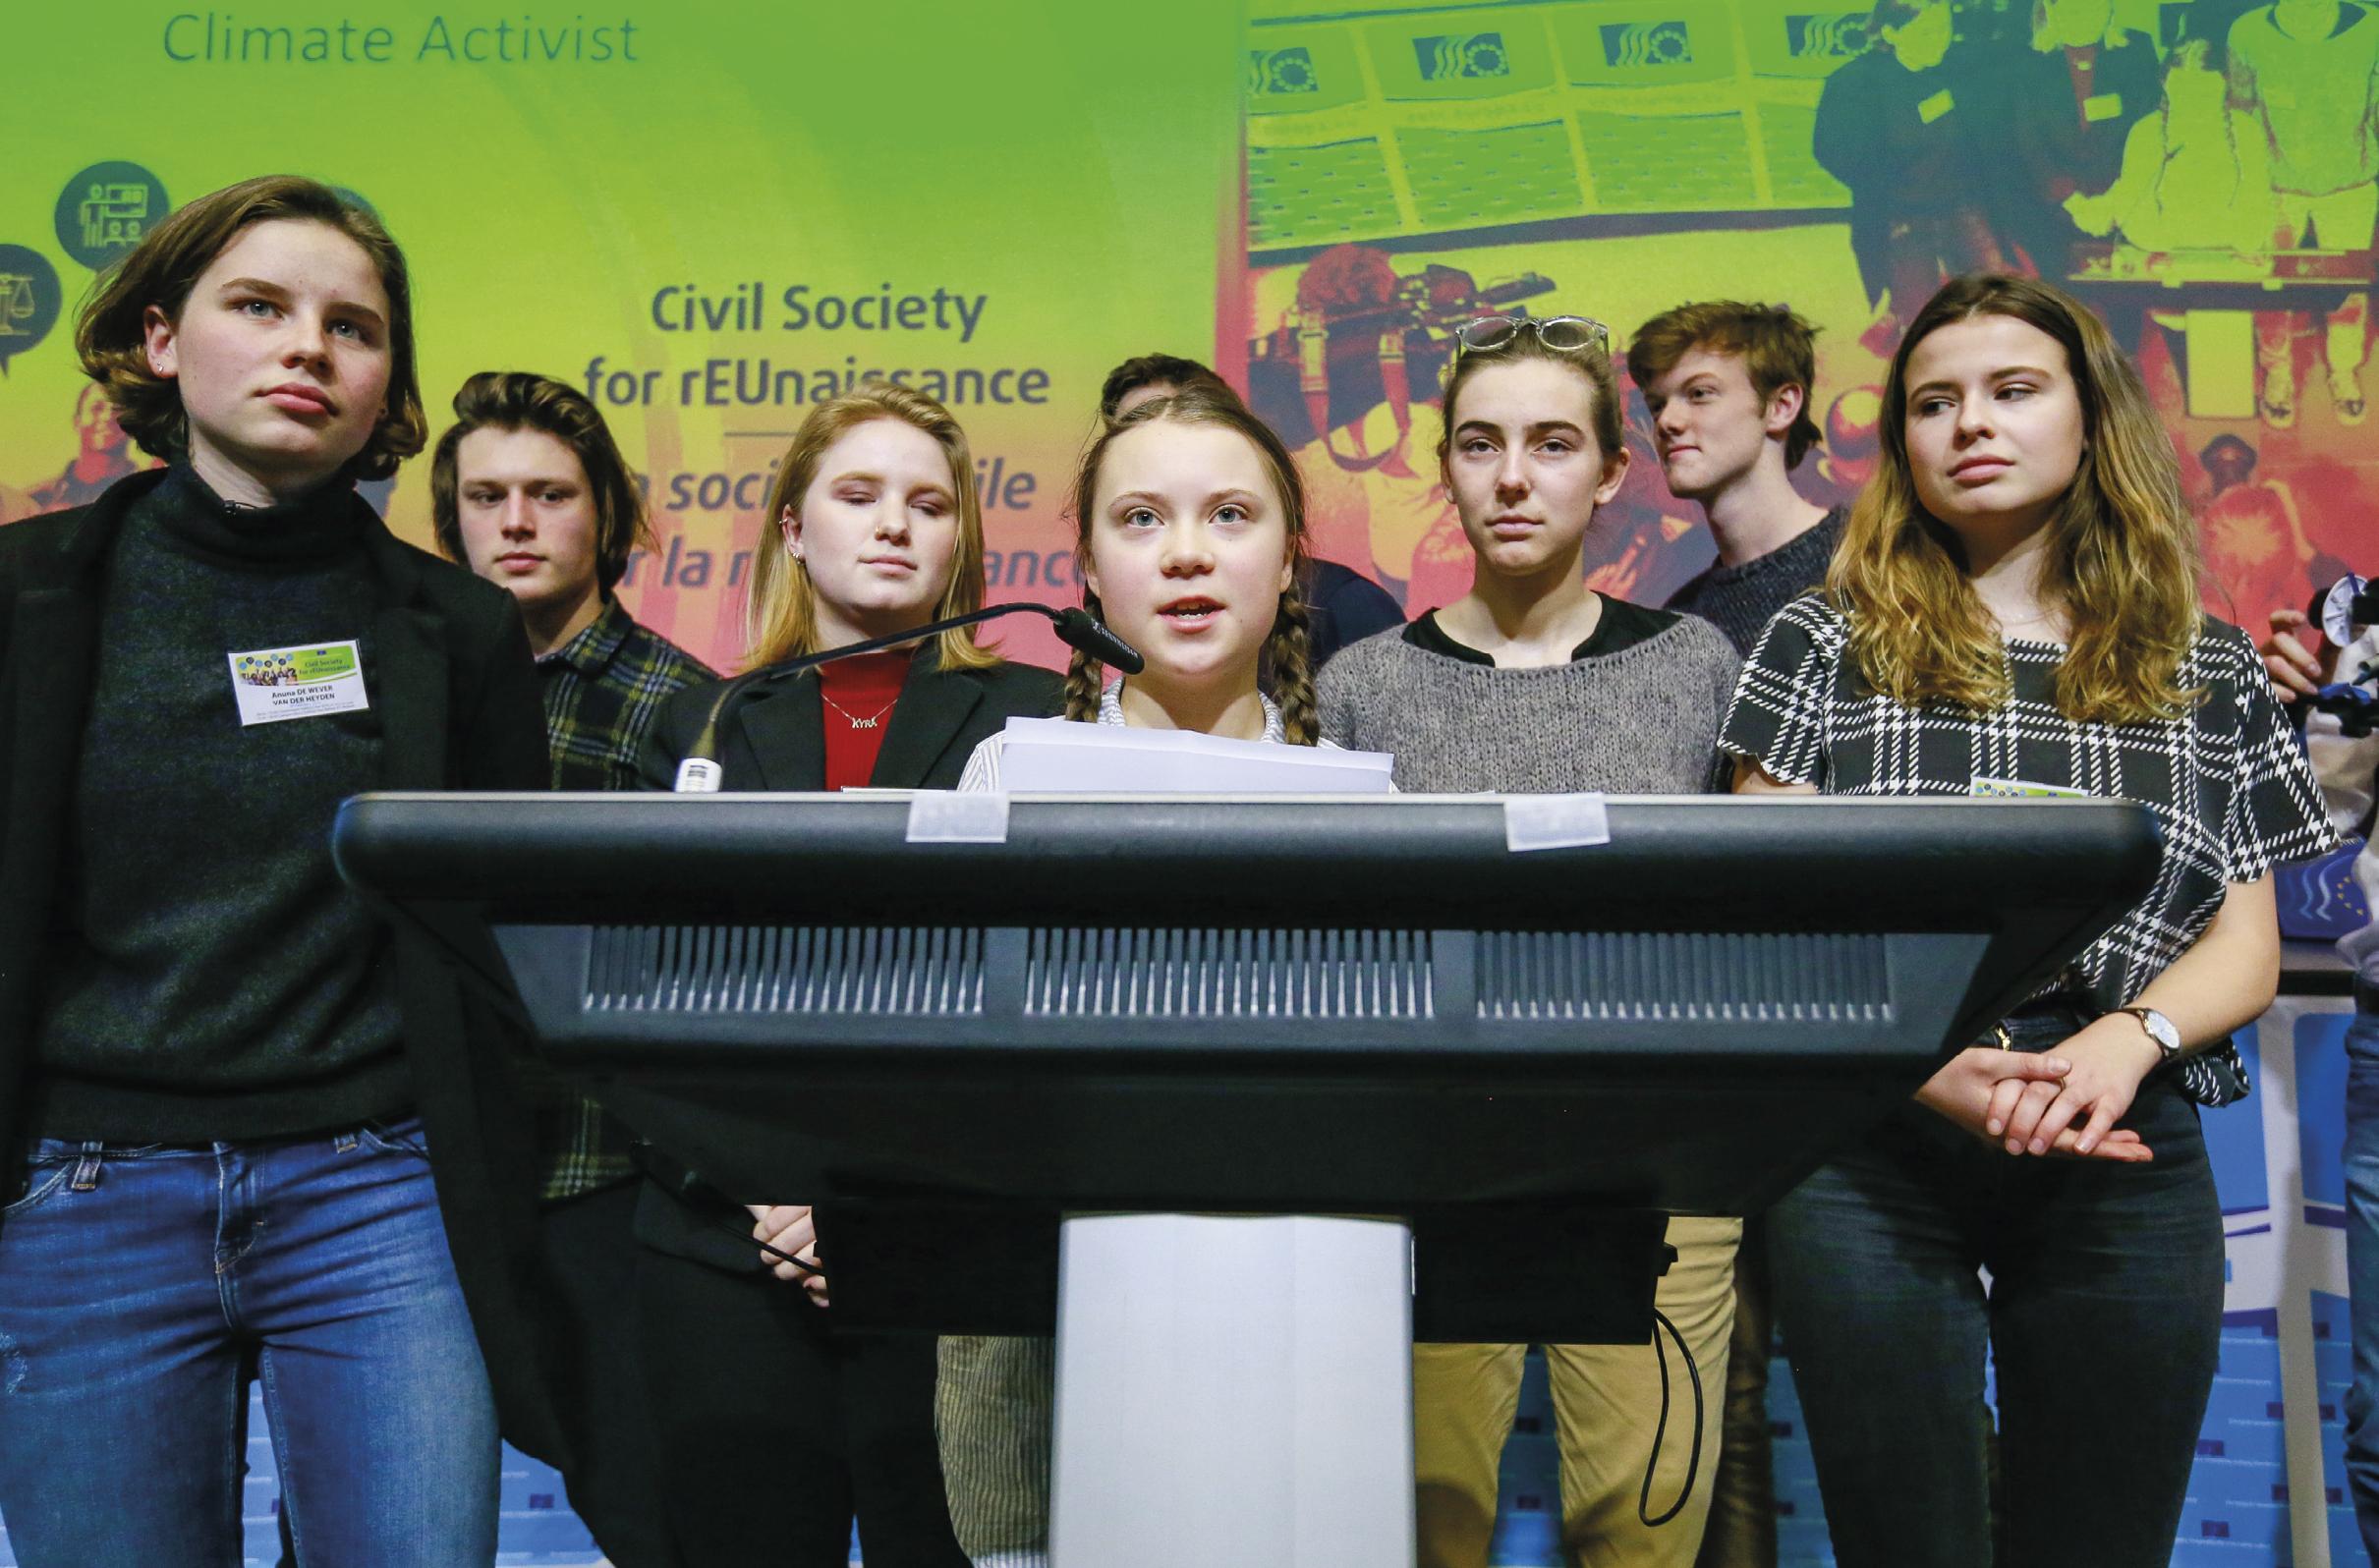 Greta Thunberg (16 anos), acompanhada por outros ativistas climáticos, fala durante o evento do Comitê Económico e Social Europeu (CESE) Civil Society for rEUnaissance, em Bruxelas, Bélgica, 21 de fevereiro de 2019. EPA / STEPHANIE LECOCQ.